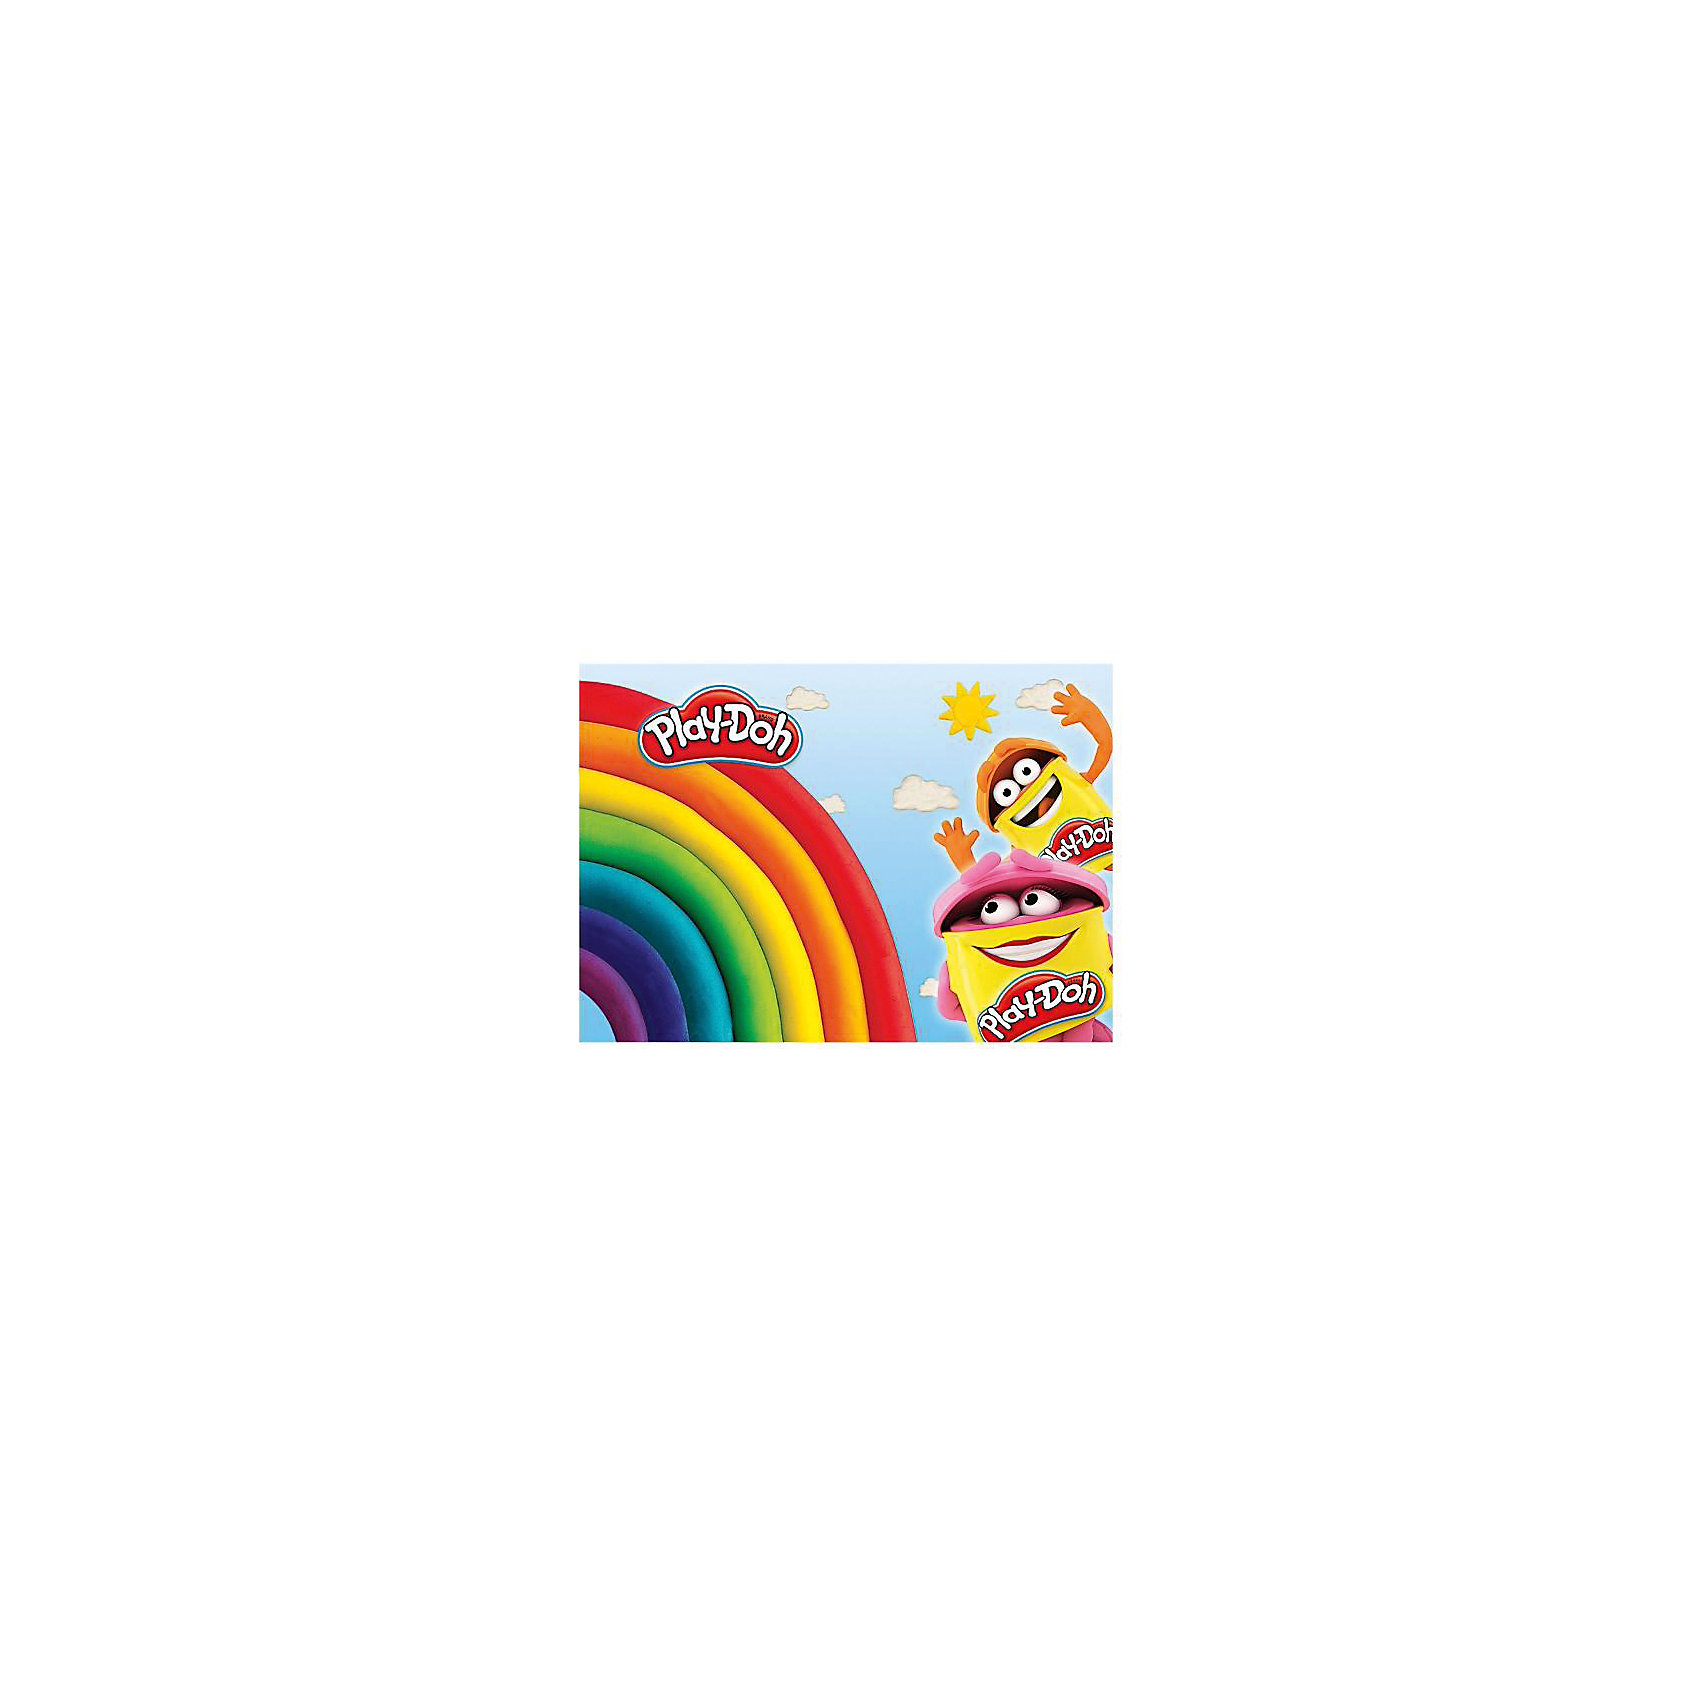 Play-Doh Подкладка на стол д/лепки и рисования А4 Размер 21 x 30 см.Рисование и лепка<br>Подкладка на стол для занятий творчеством - лепки, рисования; формат А4; предохраняет поверхность стола от повреждений и загрязнений Размер 21 x 30 см.<br><br>Ширина мм: 210<br>Глубина мм: 300<br>Высота мм: 0<br>Вес г: 25<br>Возраст от месяцев: 36<br>Возраст до месяцев: 72<br>Пол: Унисекс<br>Возраст: Детский<br>SKU: 6892438